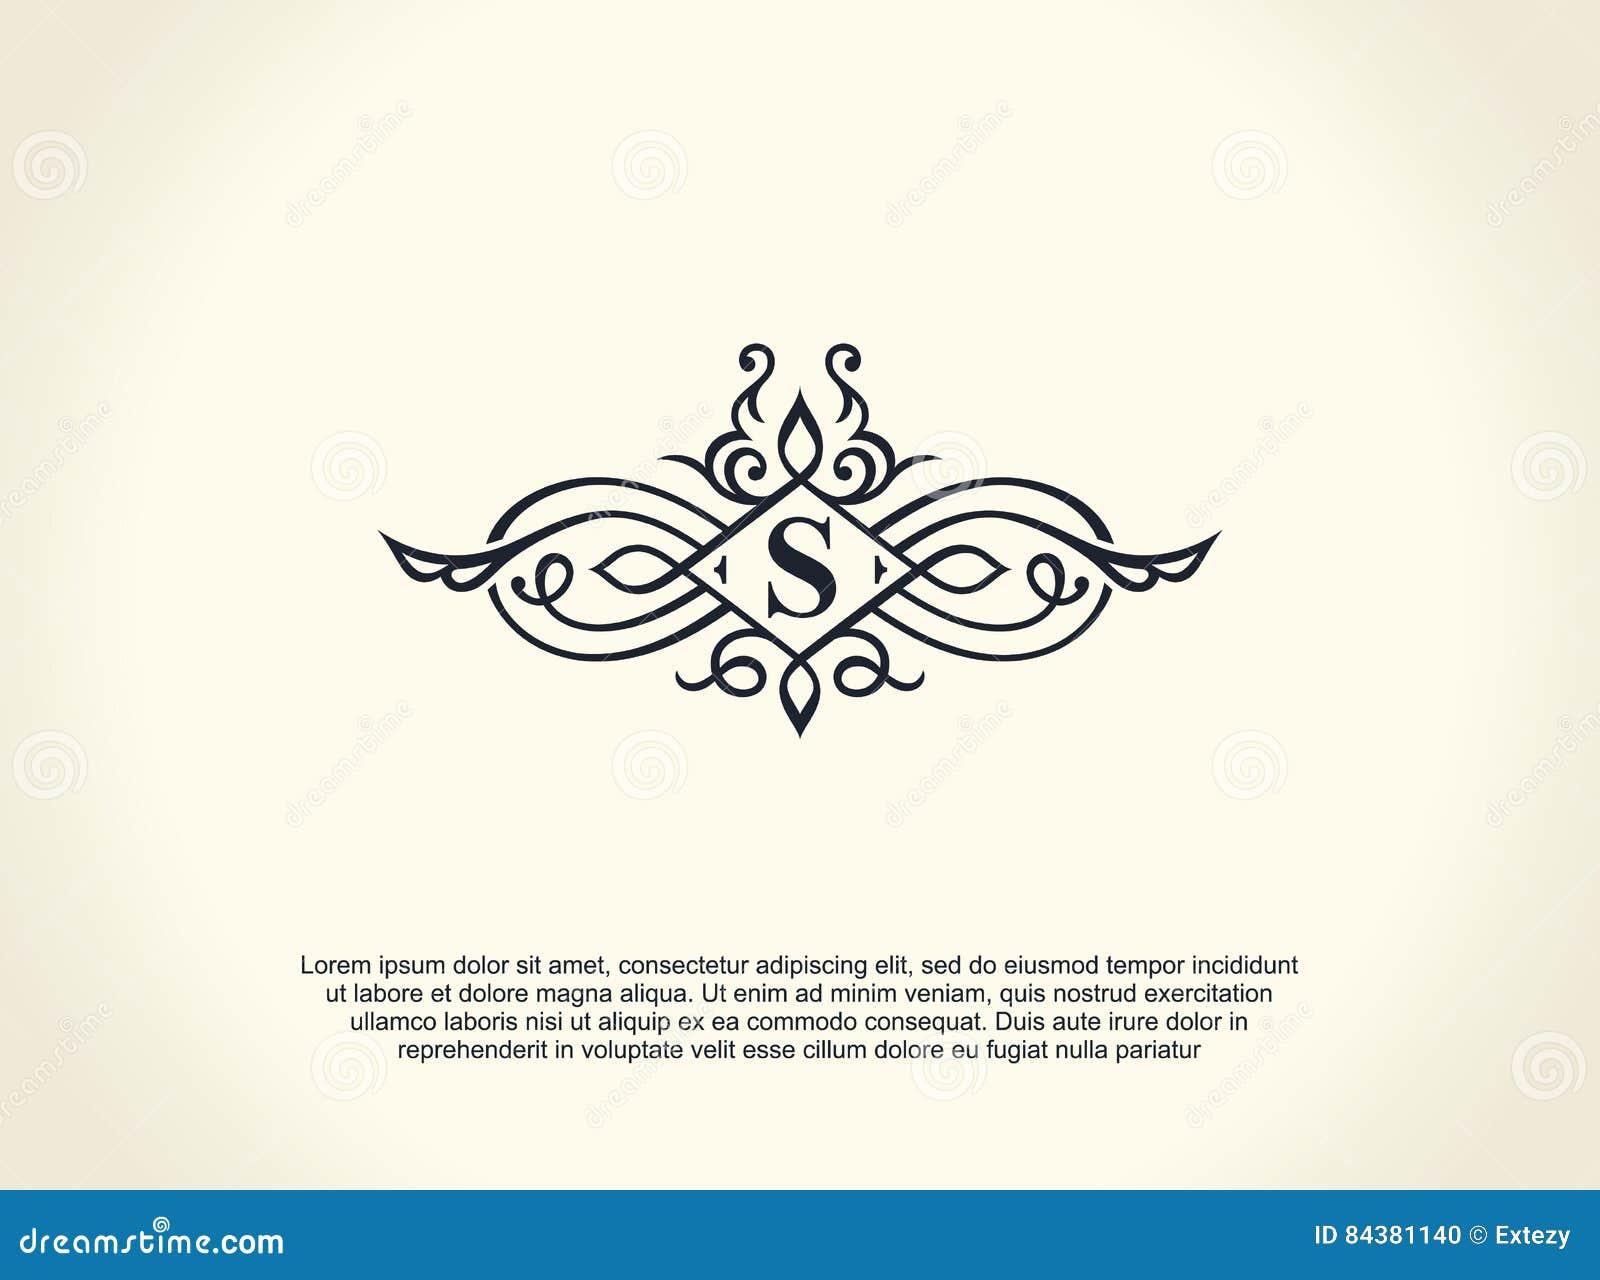 Каллиграфическая роскошная линия логотип Расцветает элегантный вензель эмблемы Королевский винтажный дизайн рассекателя